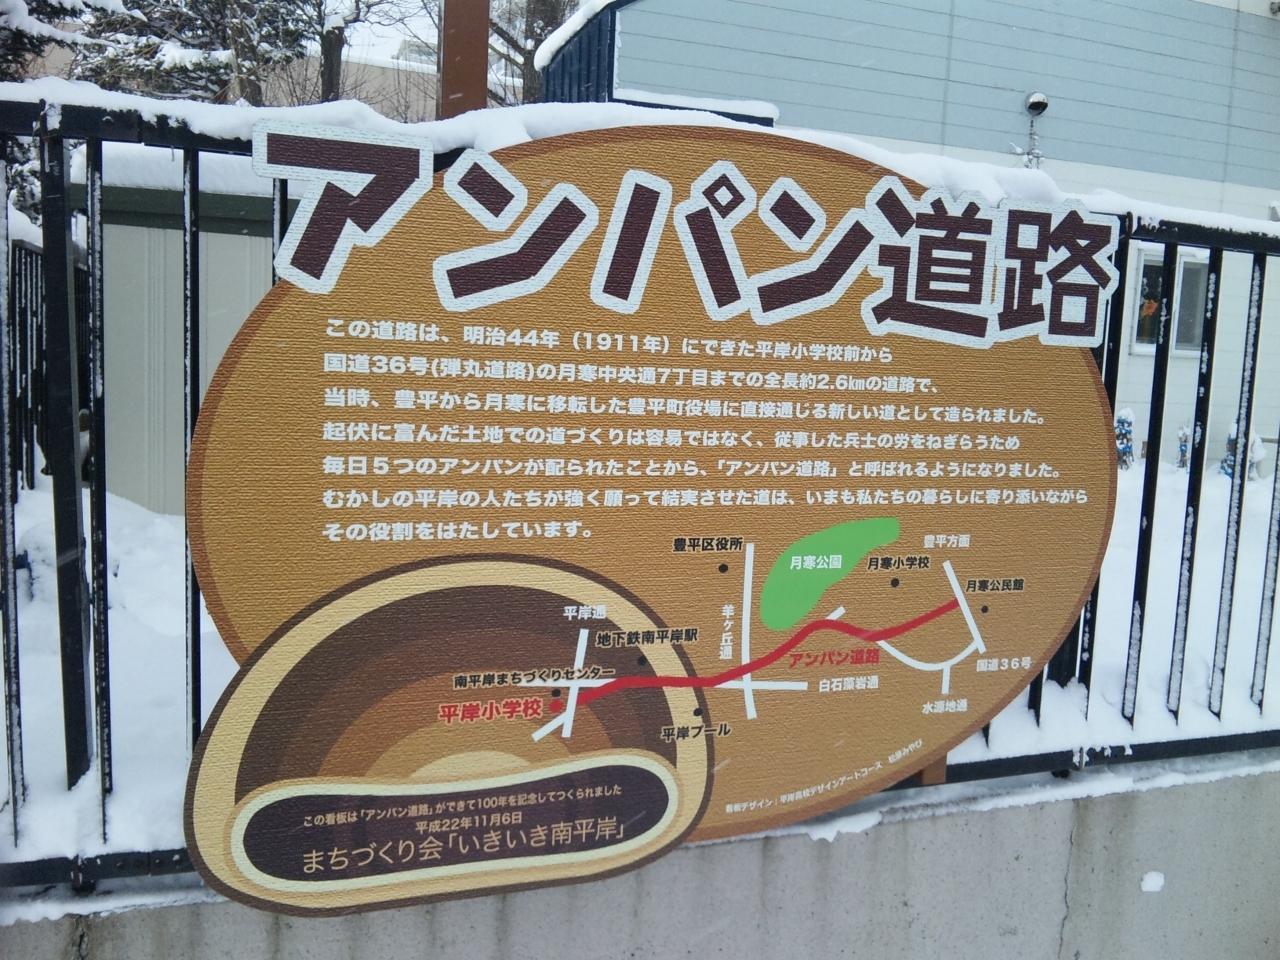 サッペディア 豊平区にあるあんぱんでできた道 アンパン道路 札幌